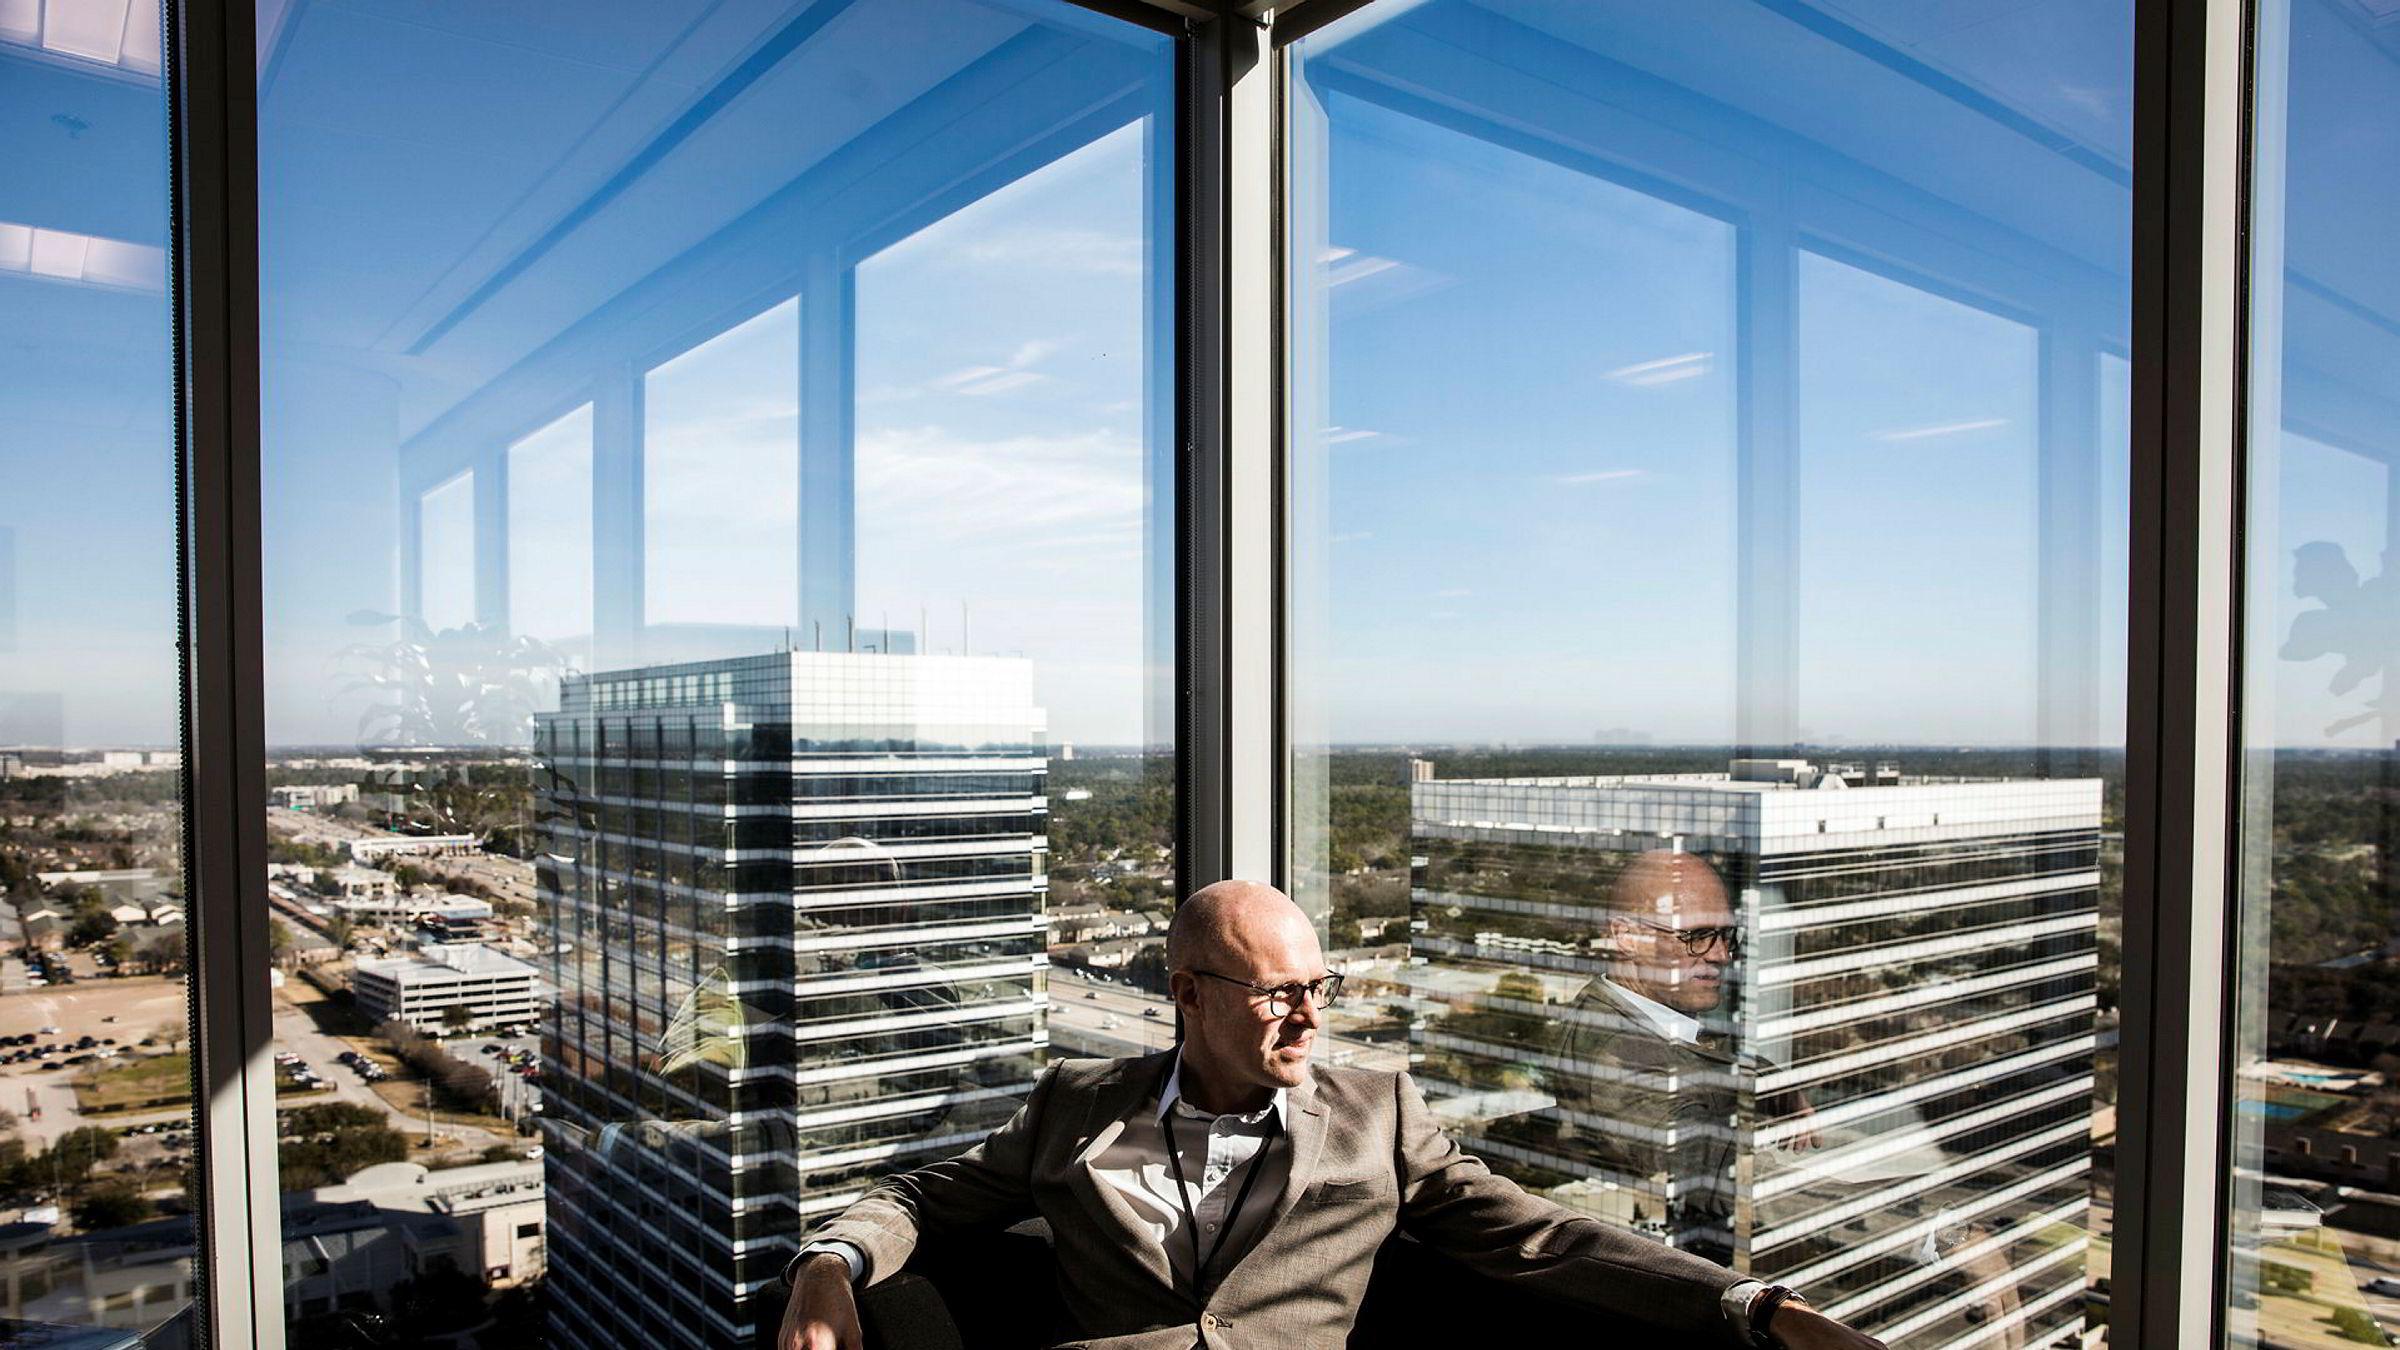 Torgrim Reitan leder USA-operasjonen i Statoil. Høyere oljepris gir etterlengtet drahjelp for selskapets utskjelte virksomhet på land i USA. Her sitter han med utsikt over Houston fra Statoils kontorer i byen.